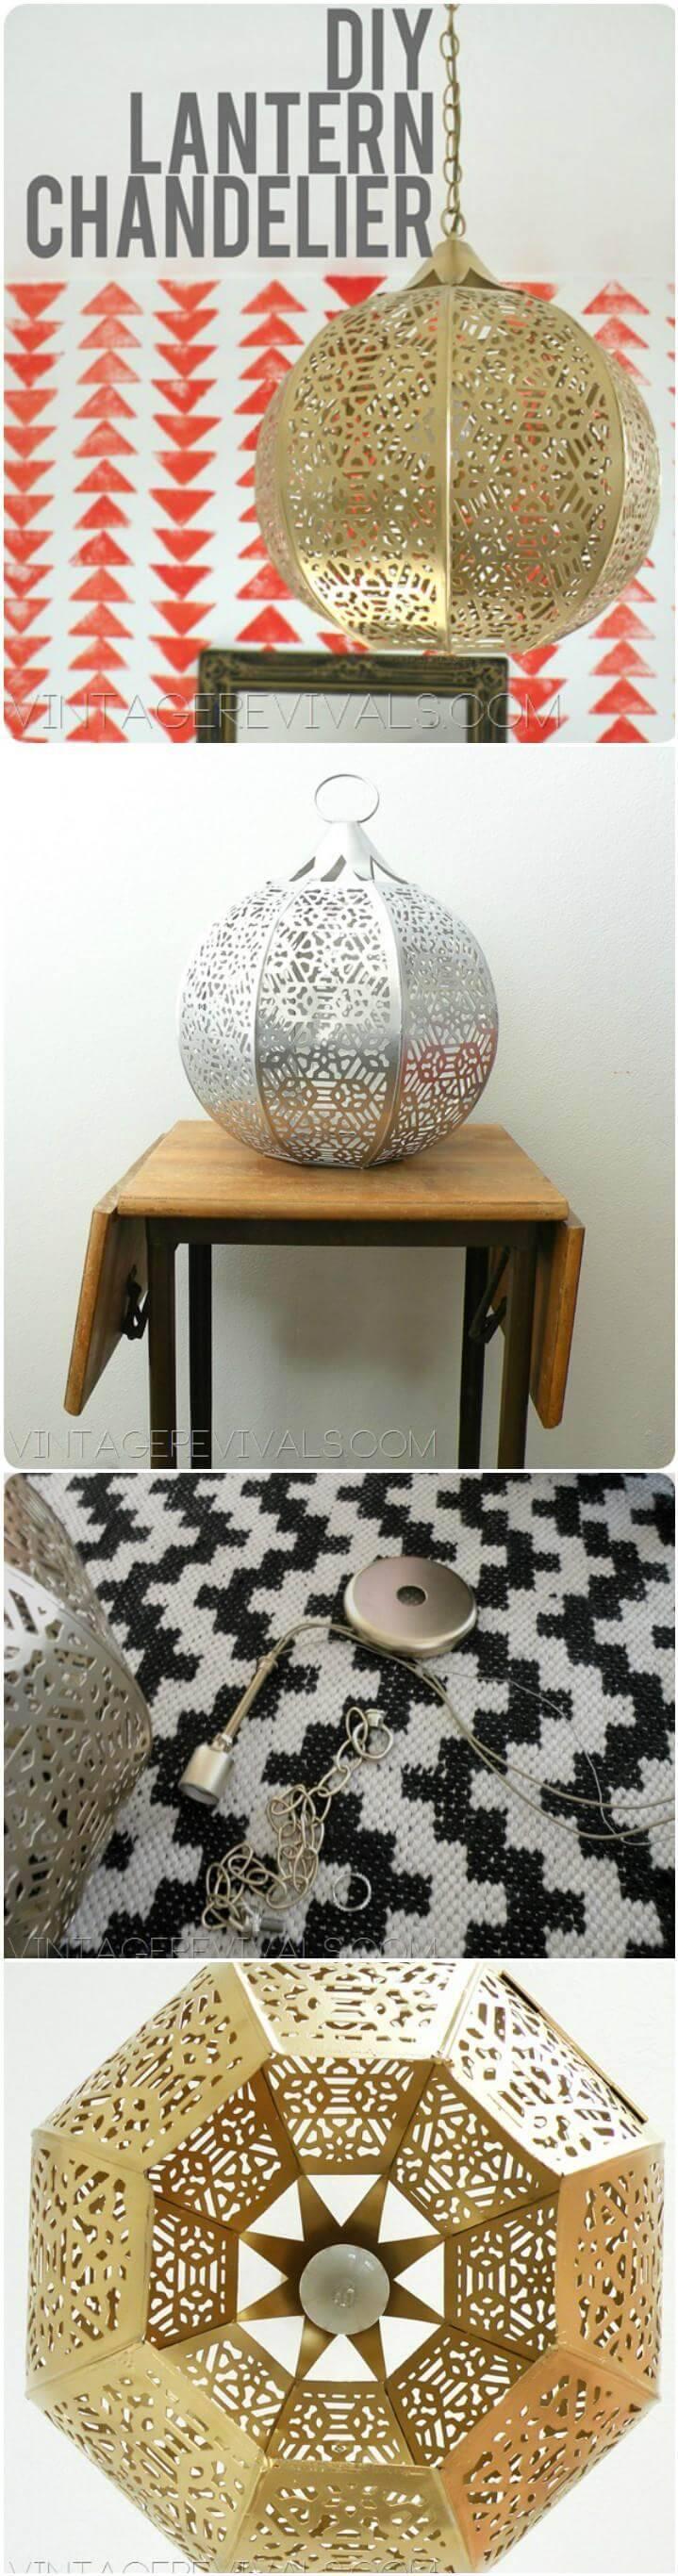 handmade pedant light or chandelier